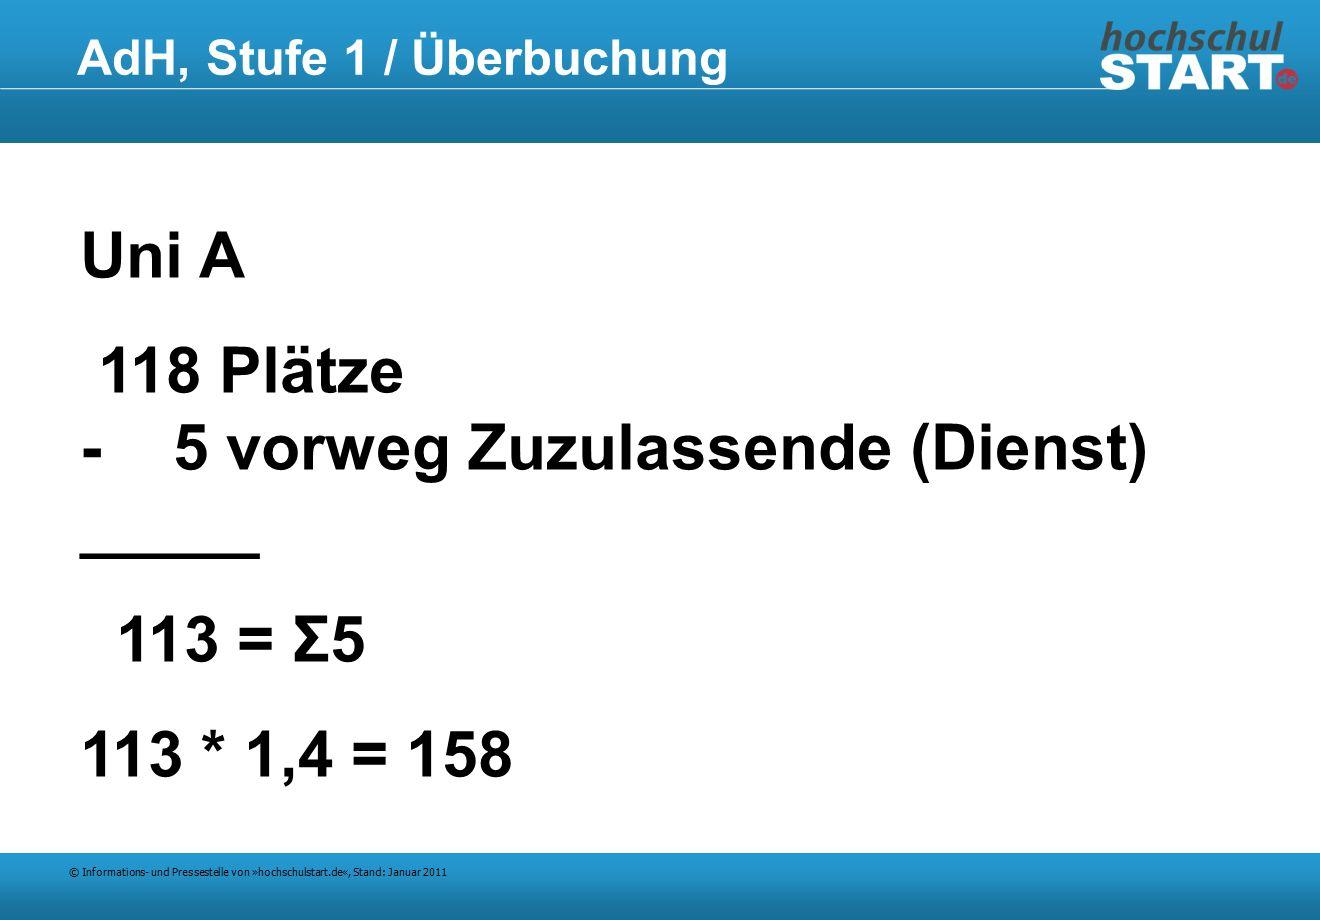 © Informations- und Pressestelle von »hochschulstart.de«, Stand: Januar 2011 AdH, Stufe 1 / Überbuchung Uni A 118 Plätze - 5 vorweg Zuzulassende (Dienst) _____ 113 = Σ5 113 * 1,4 = 158